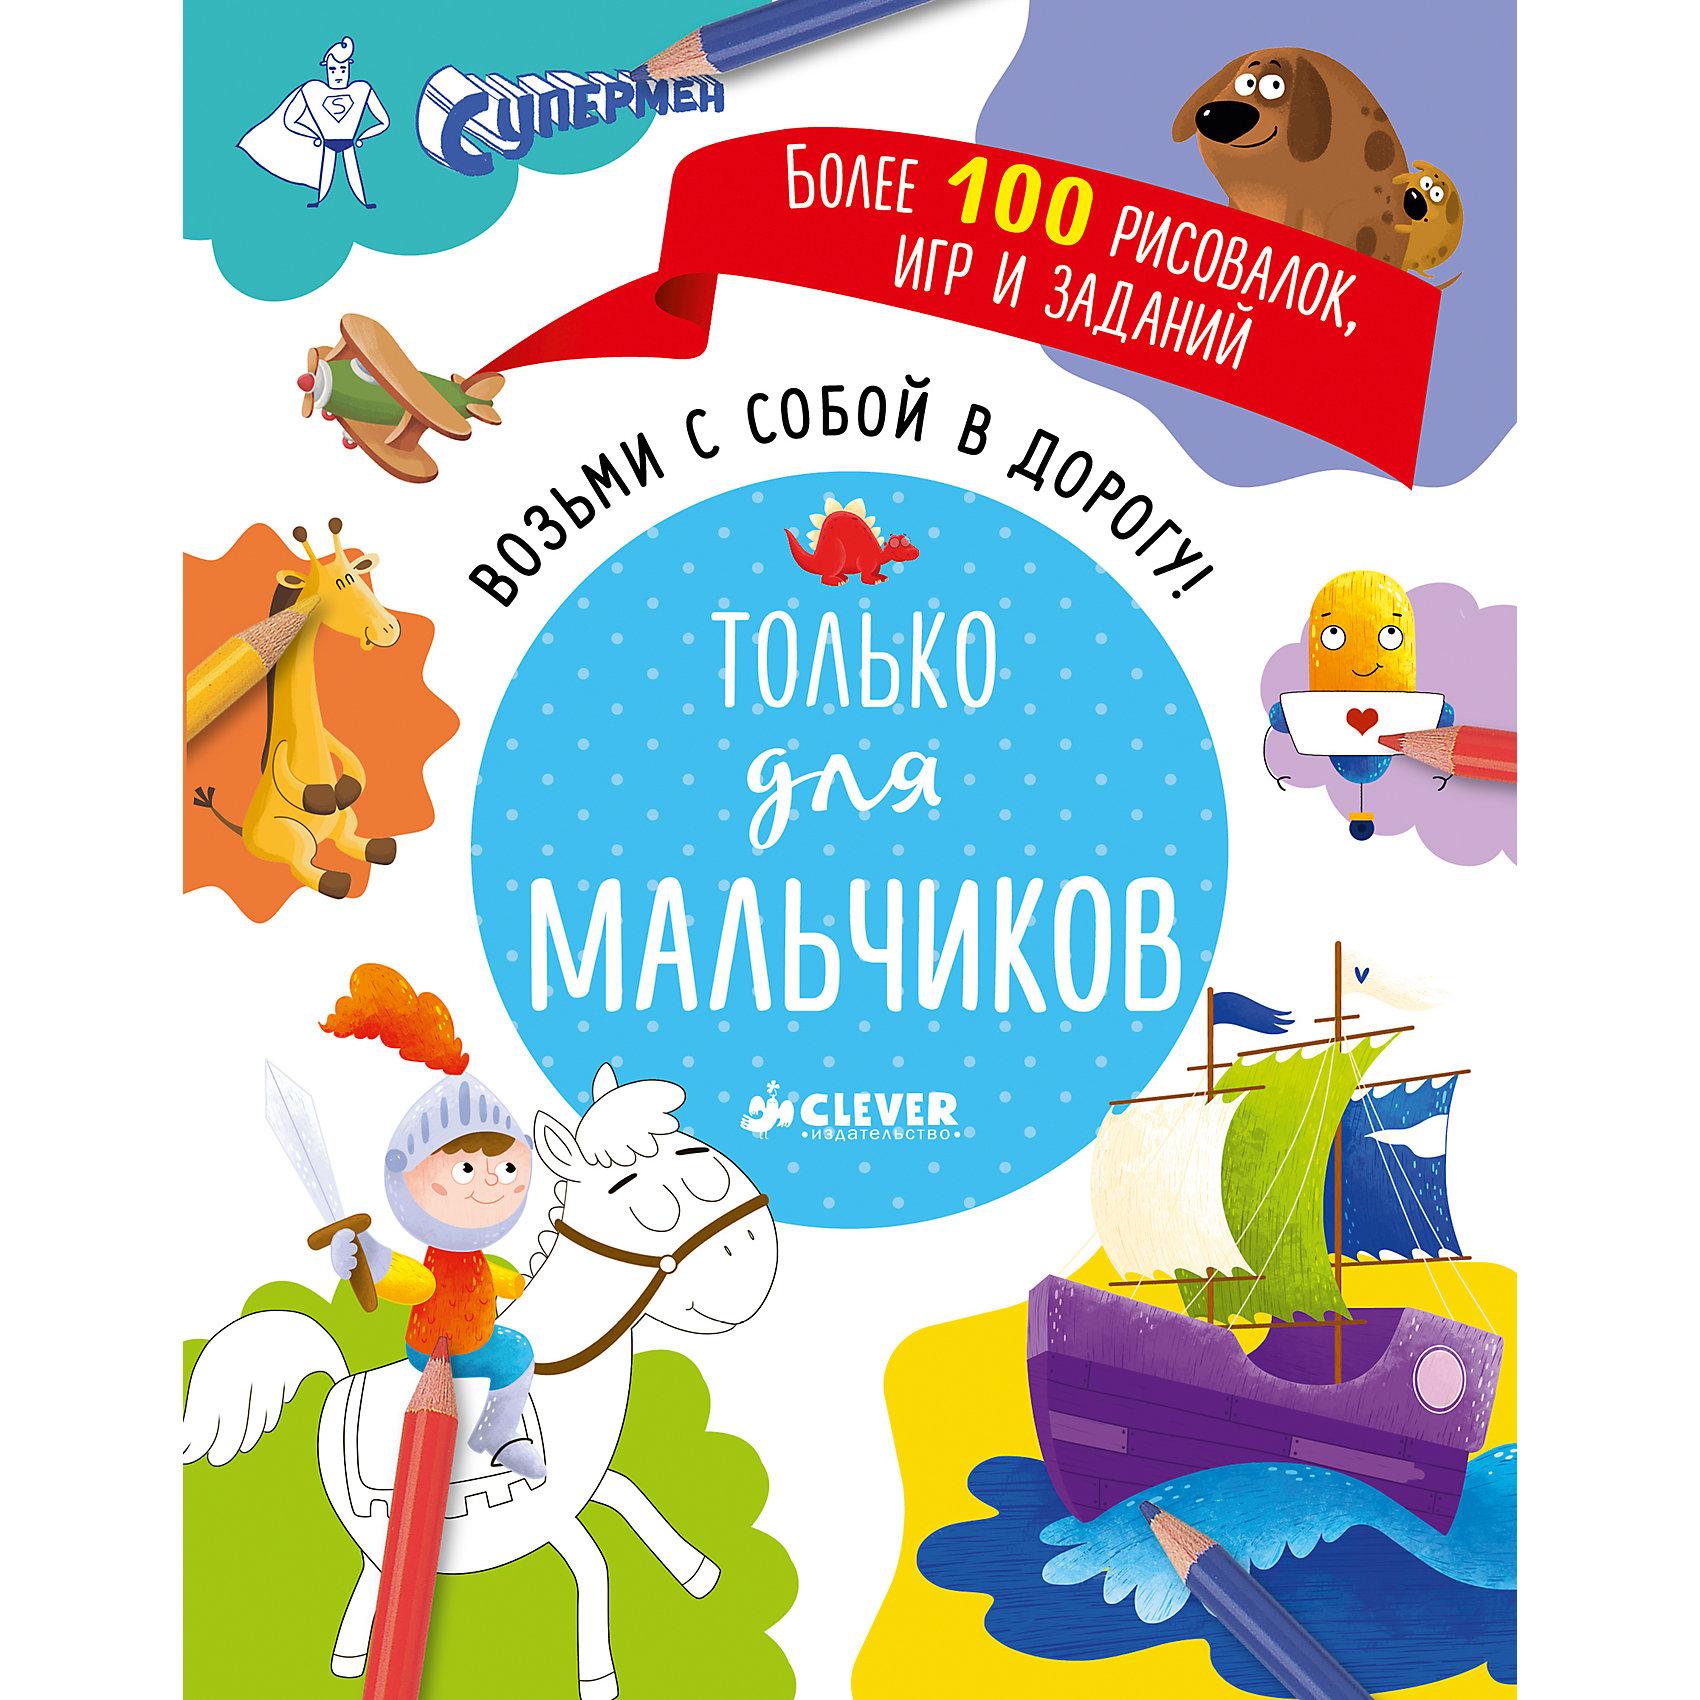 Возьми с собой в дорогу! Только для мальчиковИгры в дорогу<br>В этой книжке вы найдёте более 100 интересных развивающих заданий ребусы, «найди отличия», «найди и покажи», пошаговое рисование, раскраски, лабиринты и многое другое. Удобный формат и отрывные страницы идеально подходят для того, чтобы взять с собой на прогулку или в путешествие!<br><br>Дополнительная информация:<br><br>- год издания: 2016<br>- переплёт: мягкая обложка <br>- формат:  19*15*0.7 см. <br>- вес: 170 гр.<br>- количество страниц: 108<br>- возраст: от 6-8  лет <br><br><br>Книгу  Возьми с собой в дорогу! Только для мальчиков можно купить в нашем интернет-магазине<br><br>Ширина мм: 190<br>Глубина мм: 148<br>Высота мм: 10<br>Вес г: 170<br>Возраст от месяцев: 84<br>Возраст до месяцев: 132<br>Пол: Унисекс<br>Возраст: Детский<br>SKU: 4750727